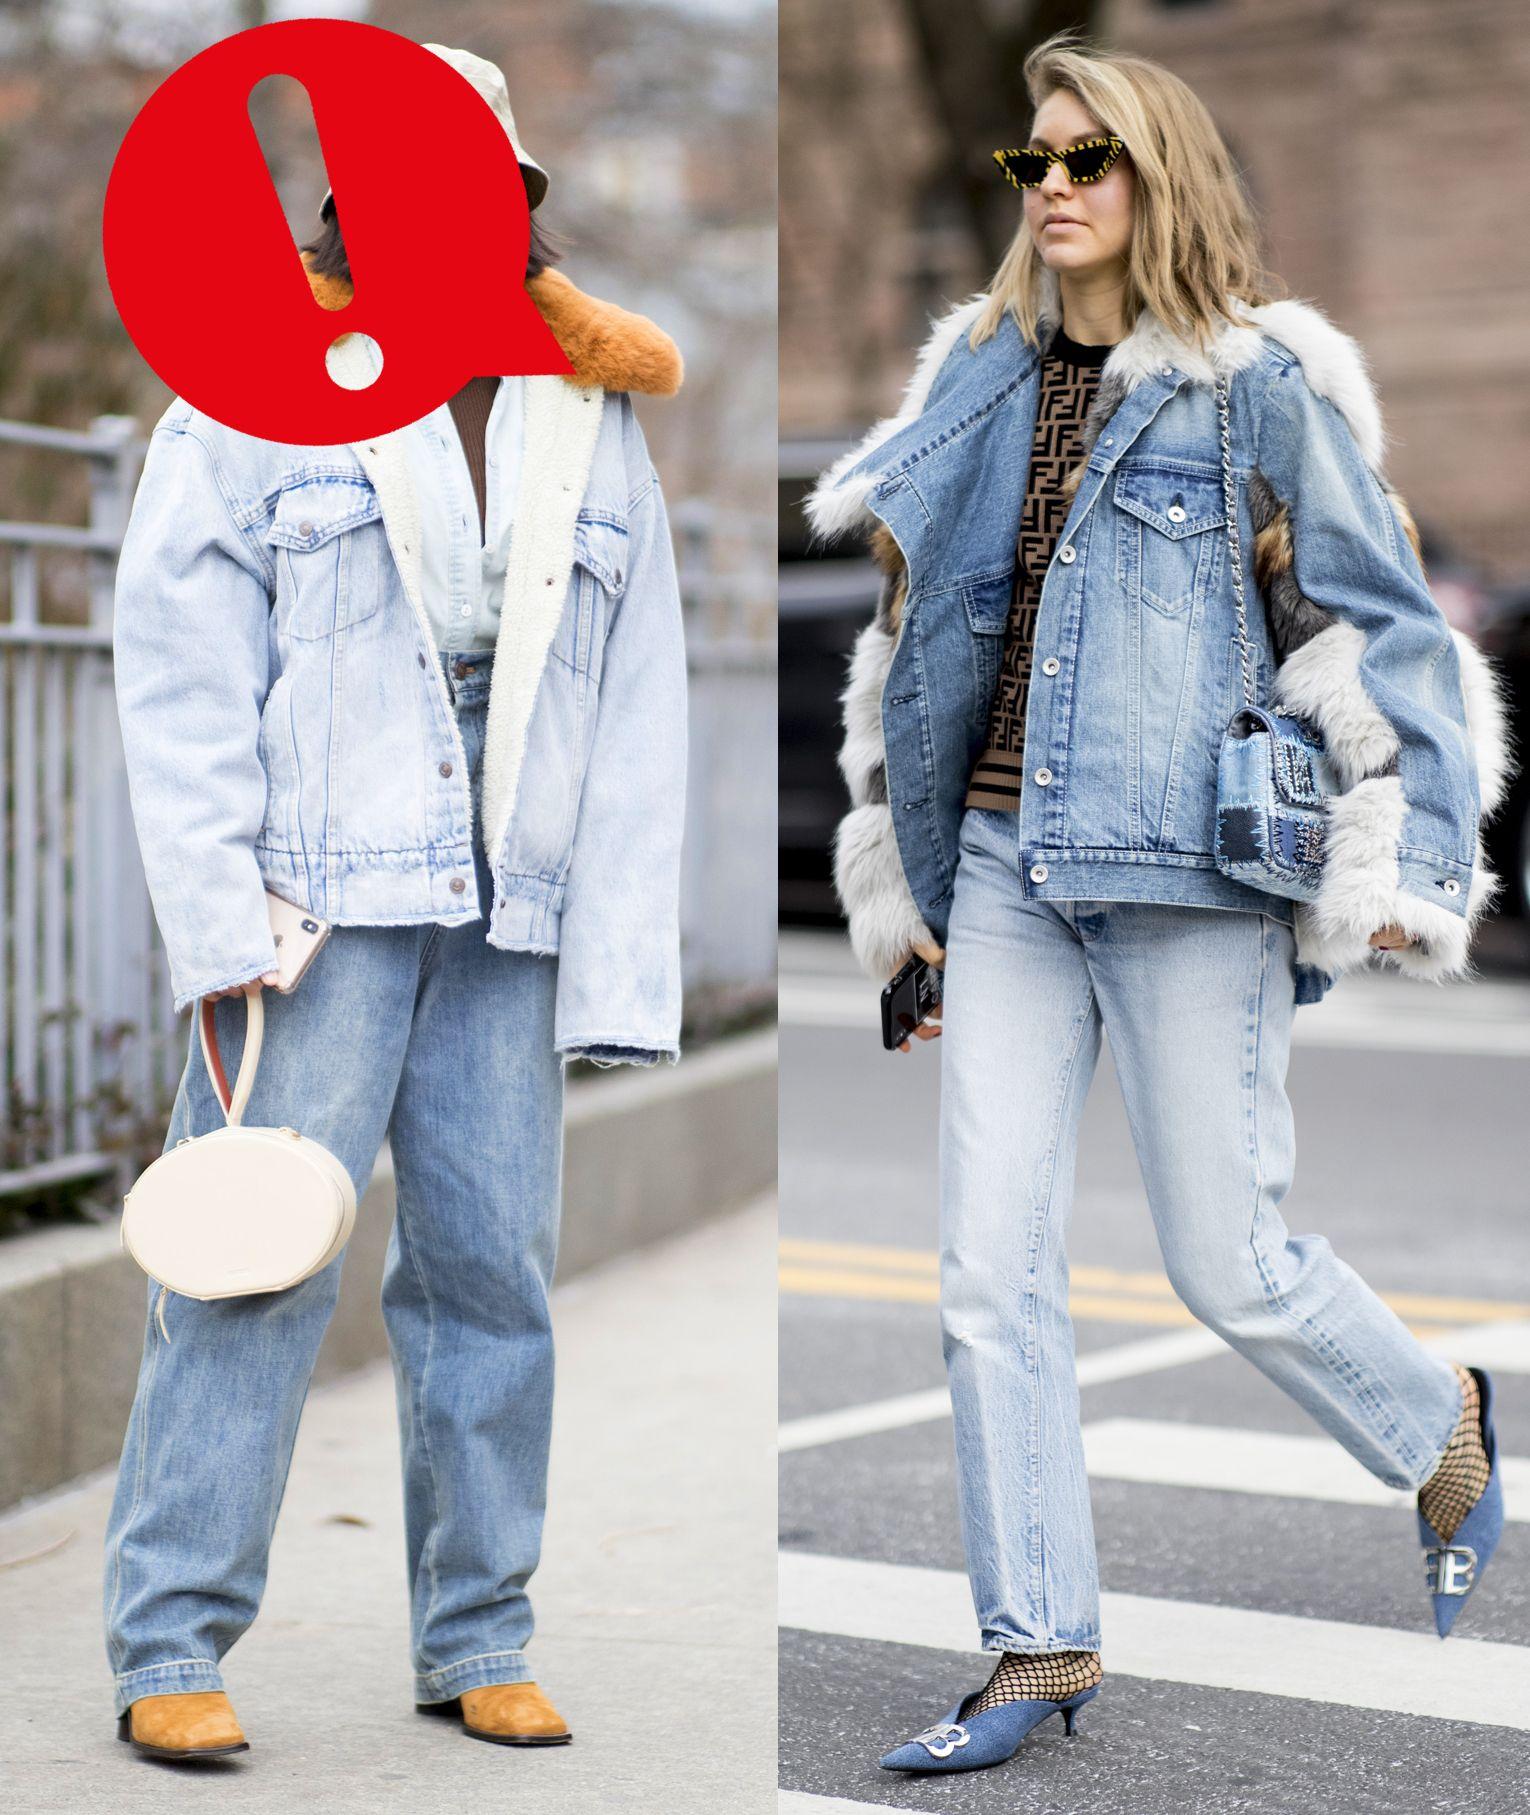 La giacca di jeans è la protagonista indiscussa della moda primavera estate 2019 e gli outfit selezionati esaltano i look street style da indossare ora.